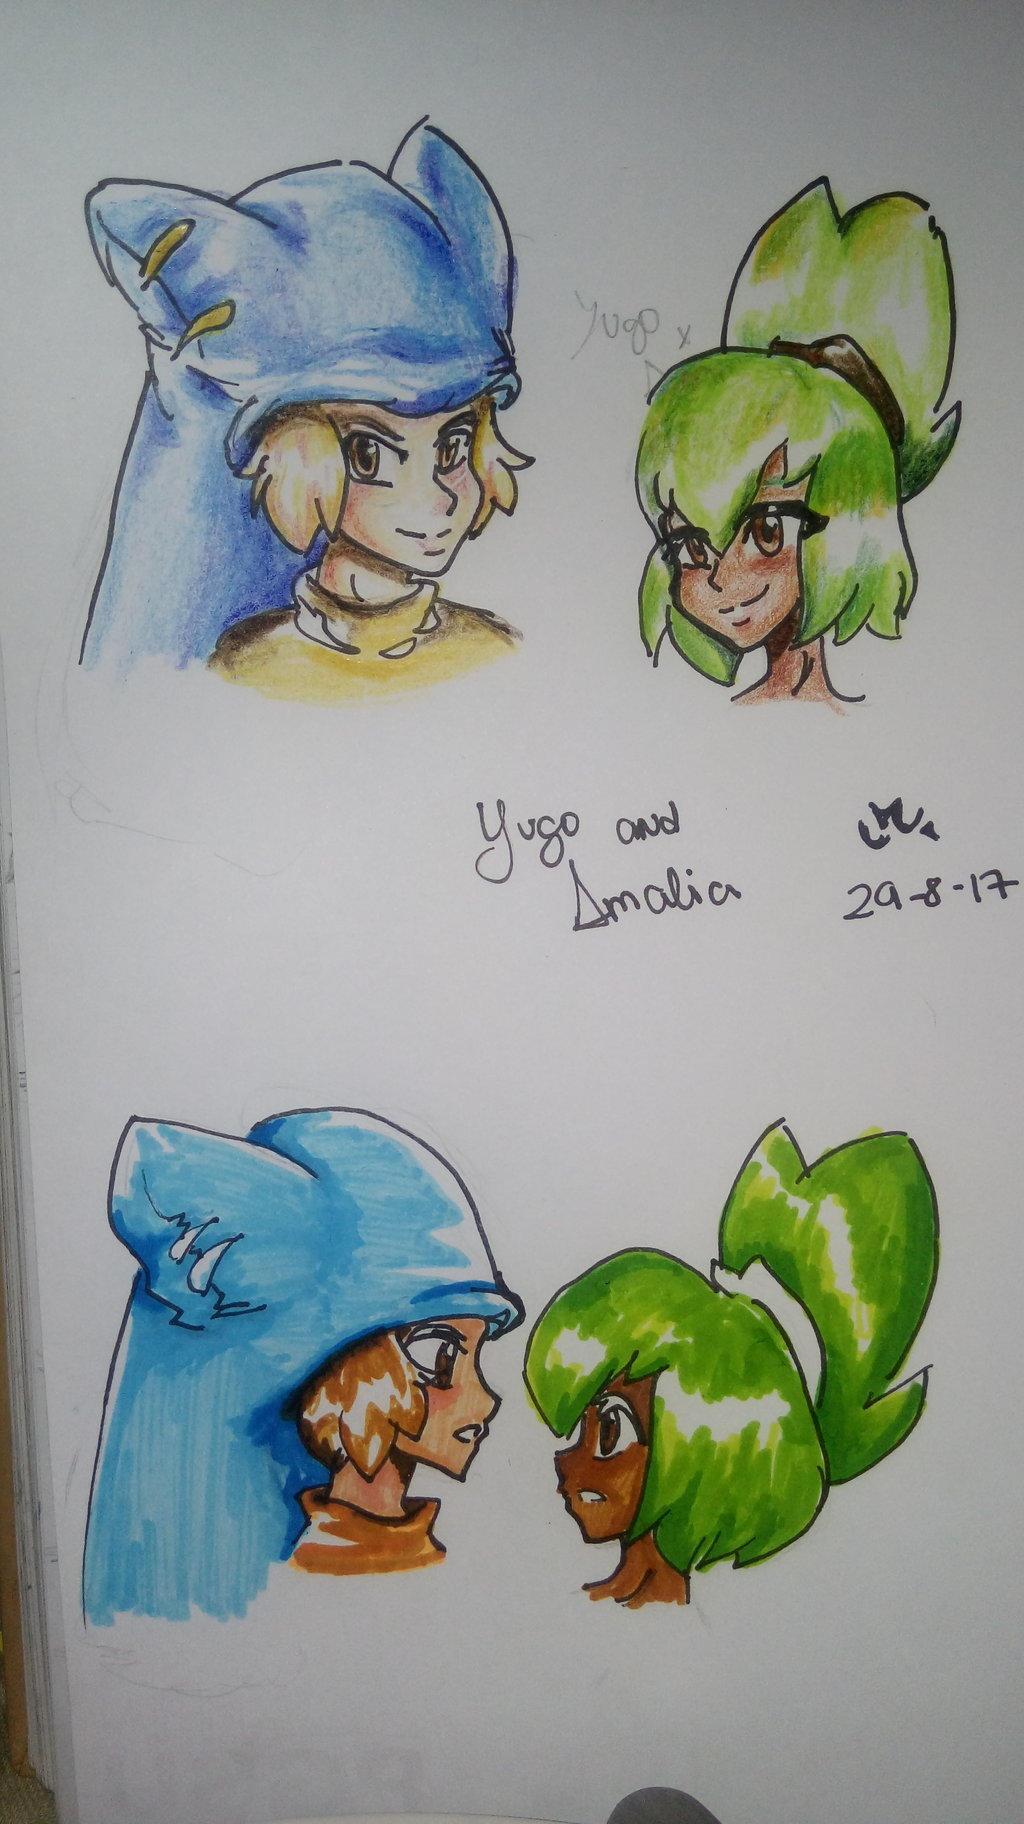 Amalia X Yugo wakfu yugo and amaliapauji132 on deviantart